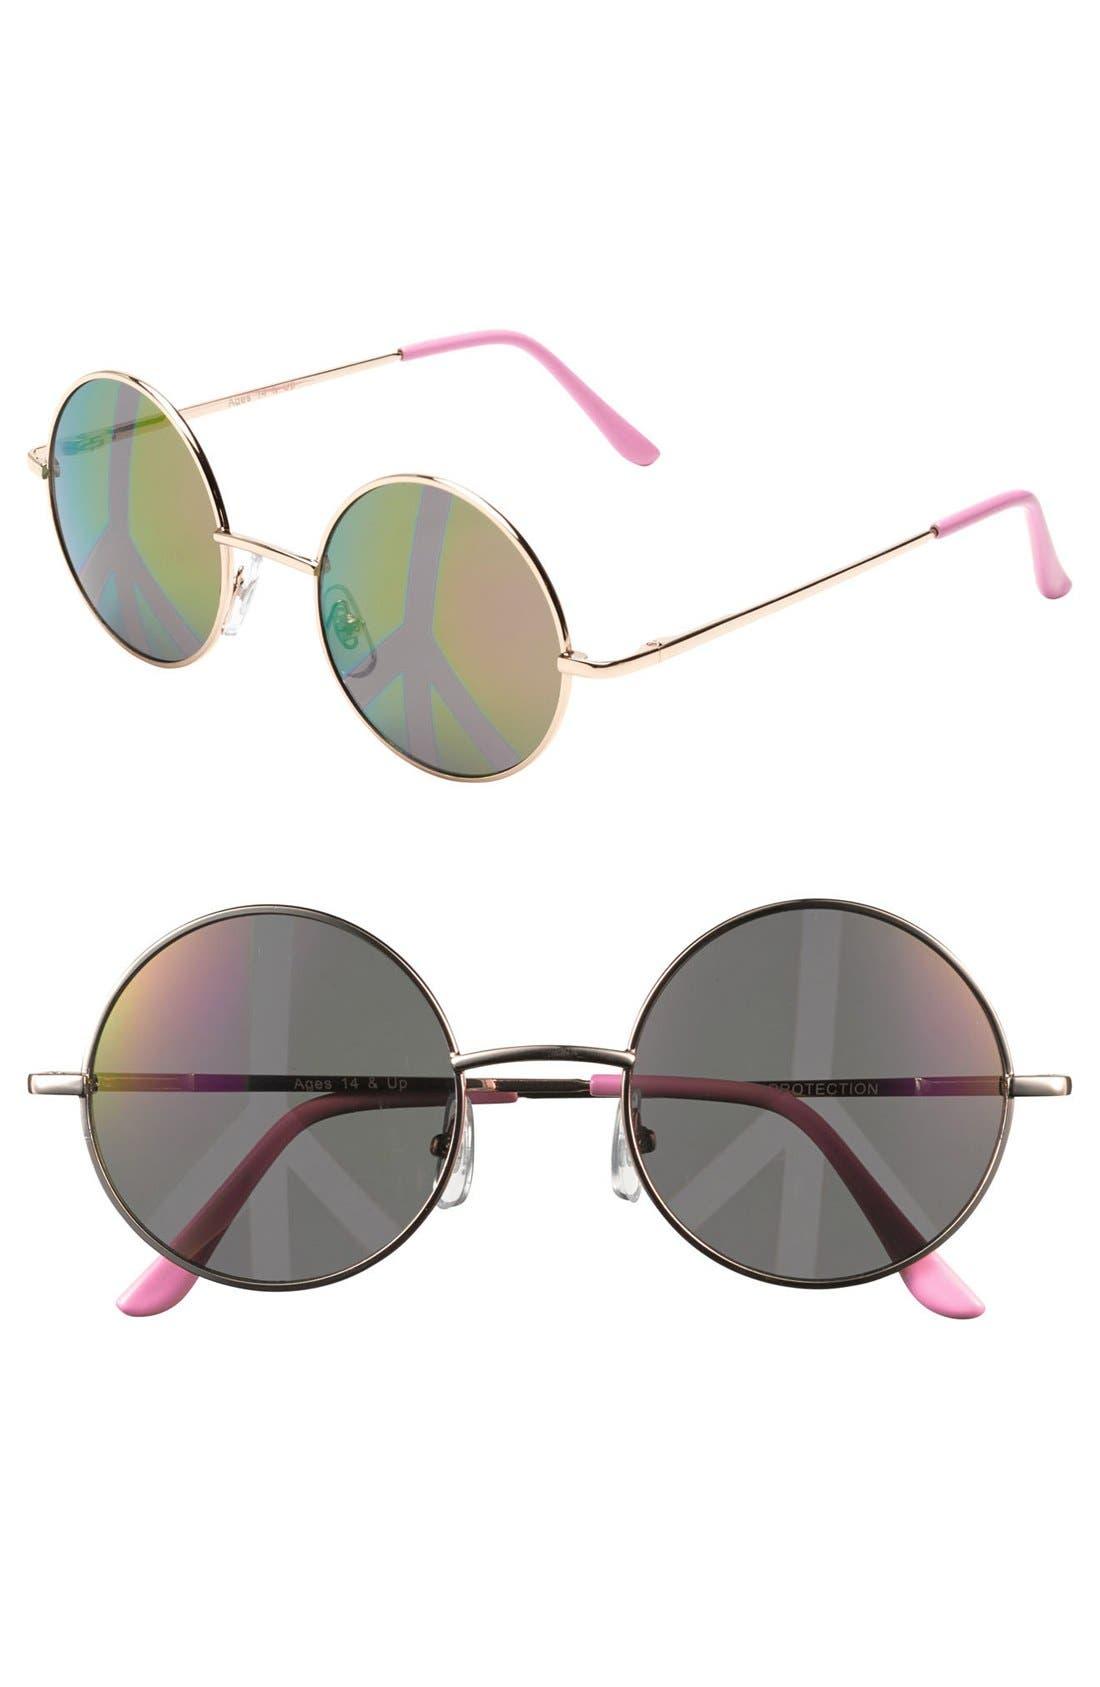 Main Image - FE NY 'Love Bug' Sunglasses